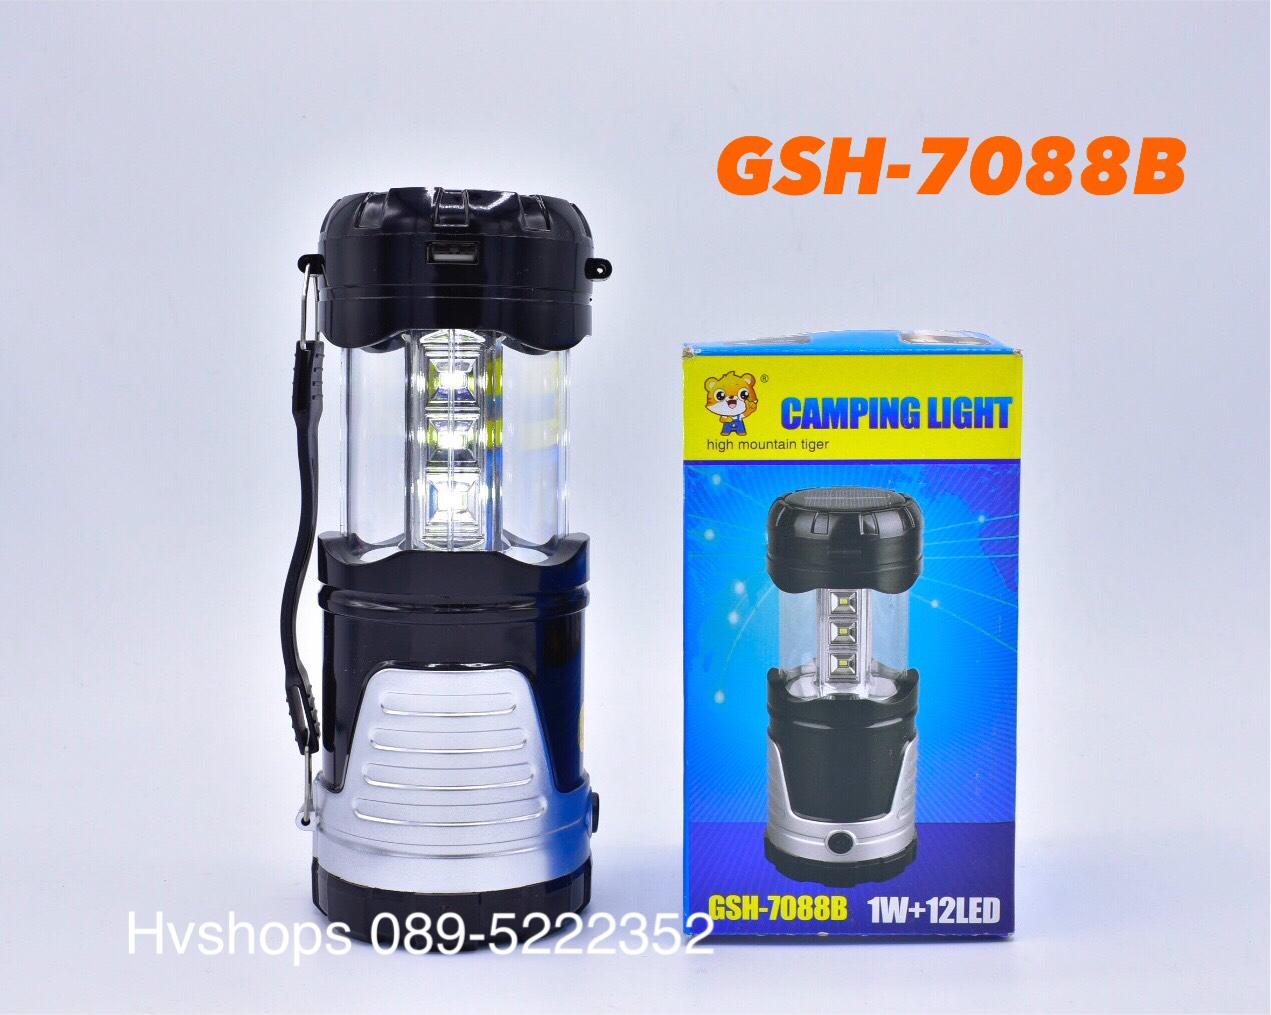 ตะเกียง LED รุ่น GSH-7088B